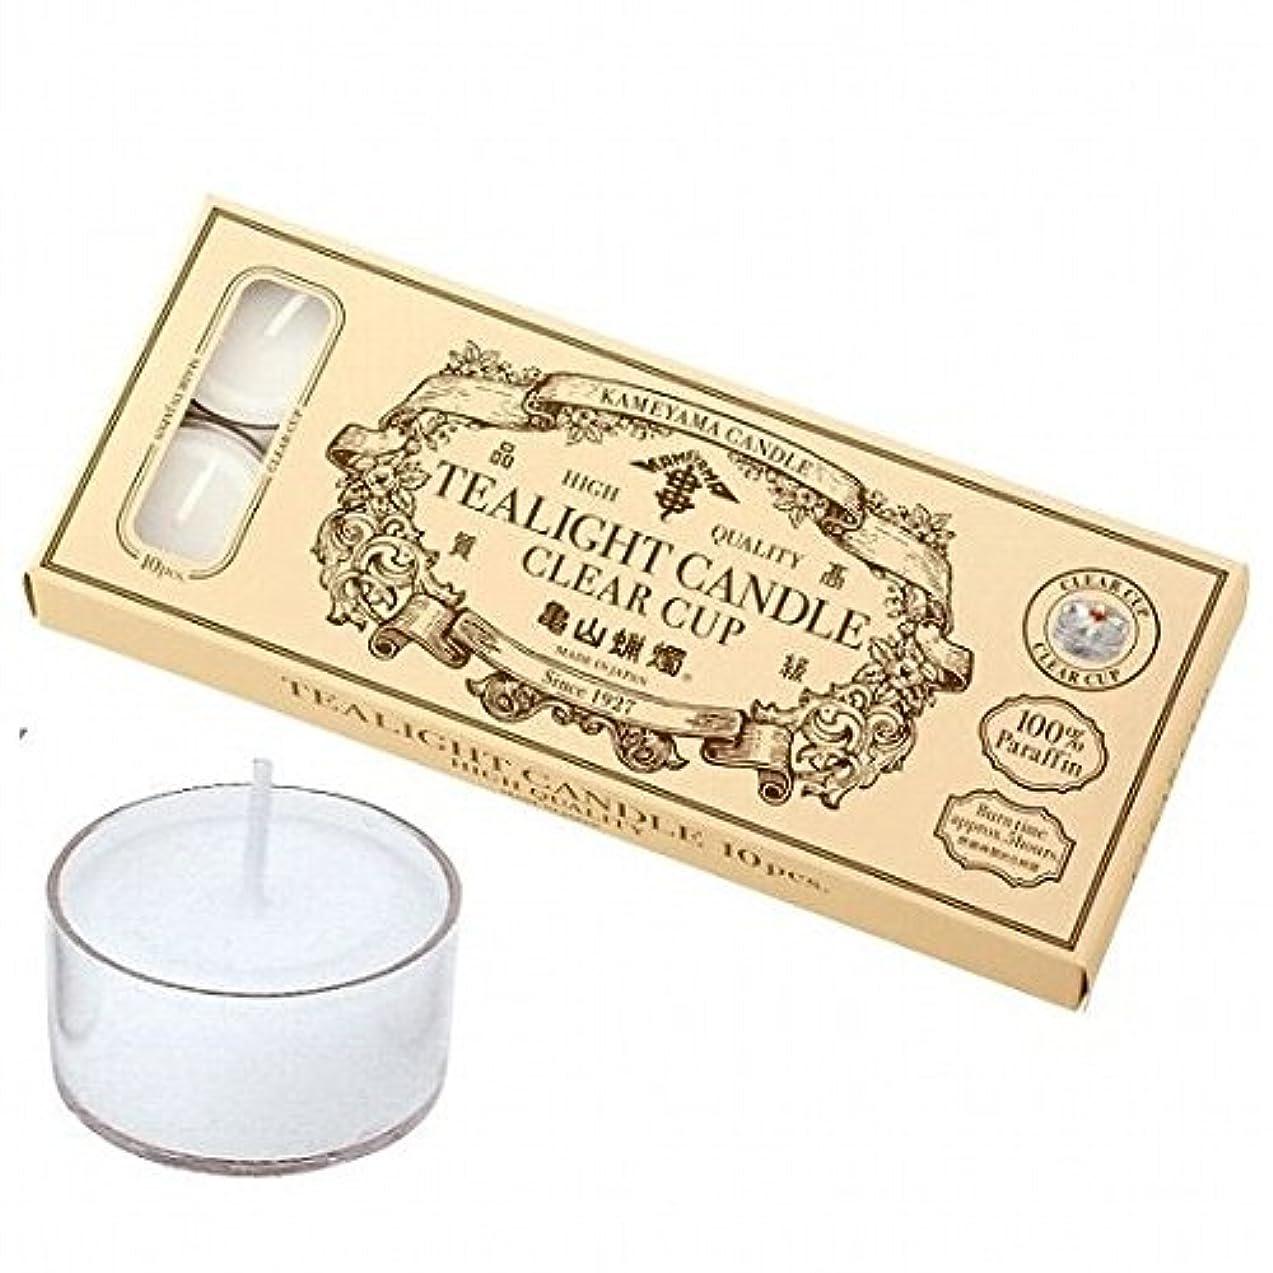 噴水脅迫伝えるkameyama candle(カメヤマキャンドル) 亀山ティーライトクリア10個?日本製 キャンドル(83506610)